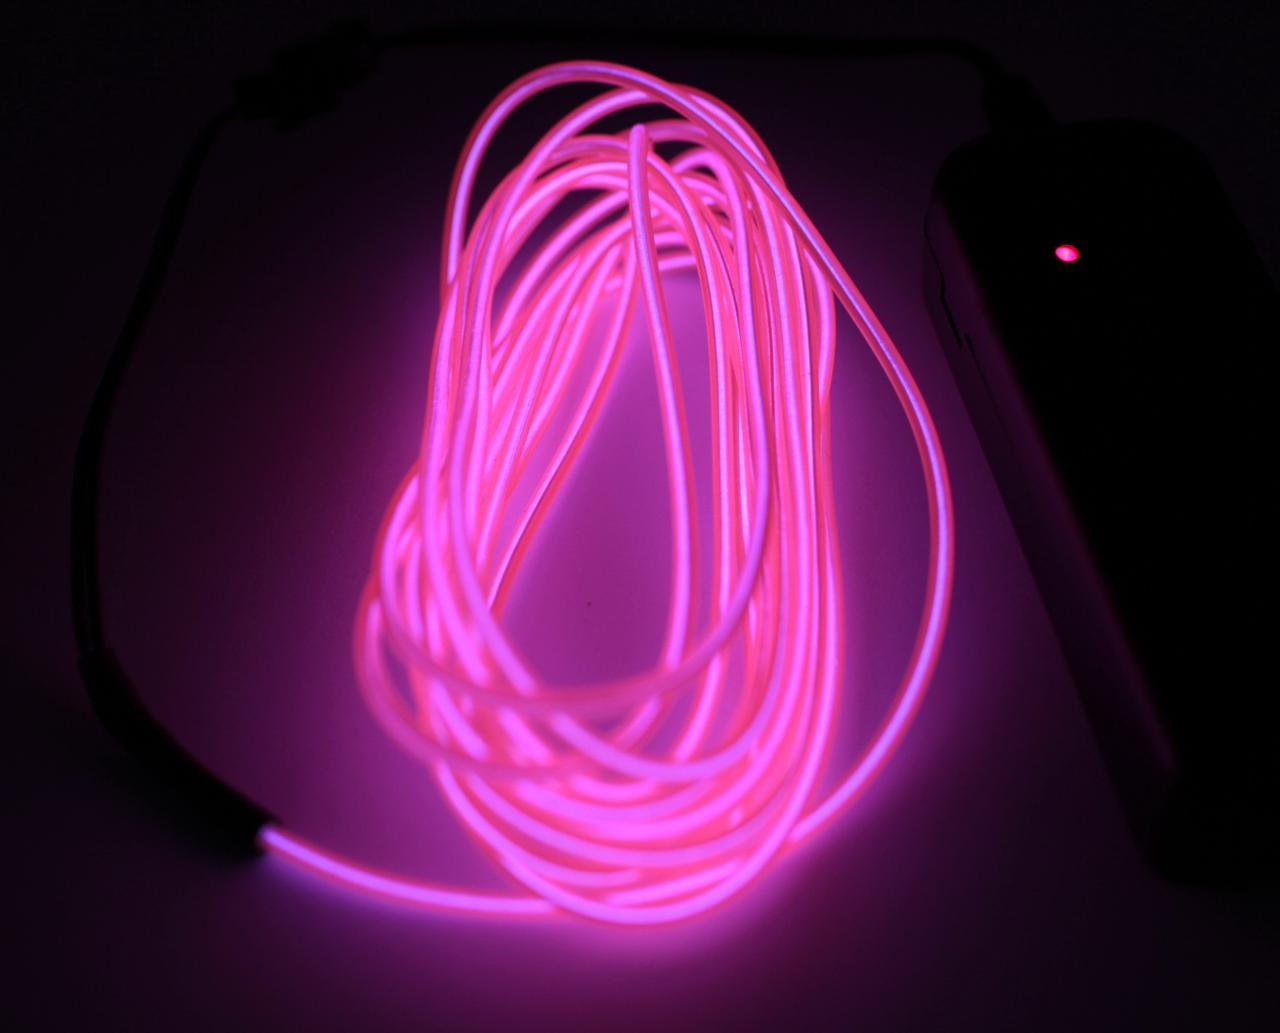 Холодный Неон Гибкая Неоновая Трубка Светящийся Шнур Светопровод 3м Комплект с Инвентором (Flex Neon Pink)